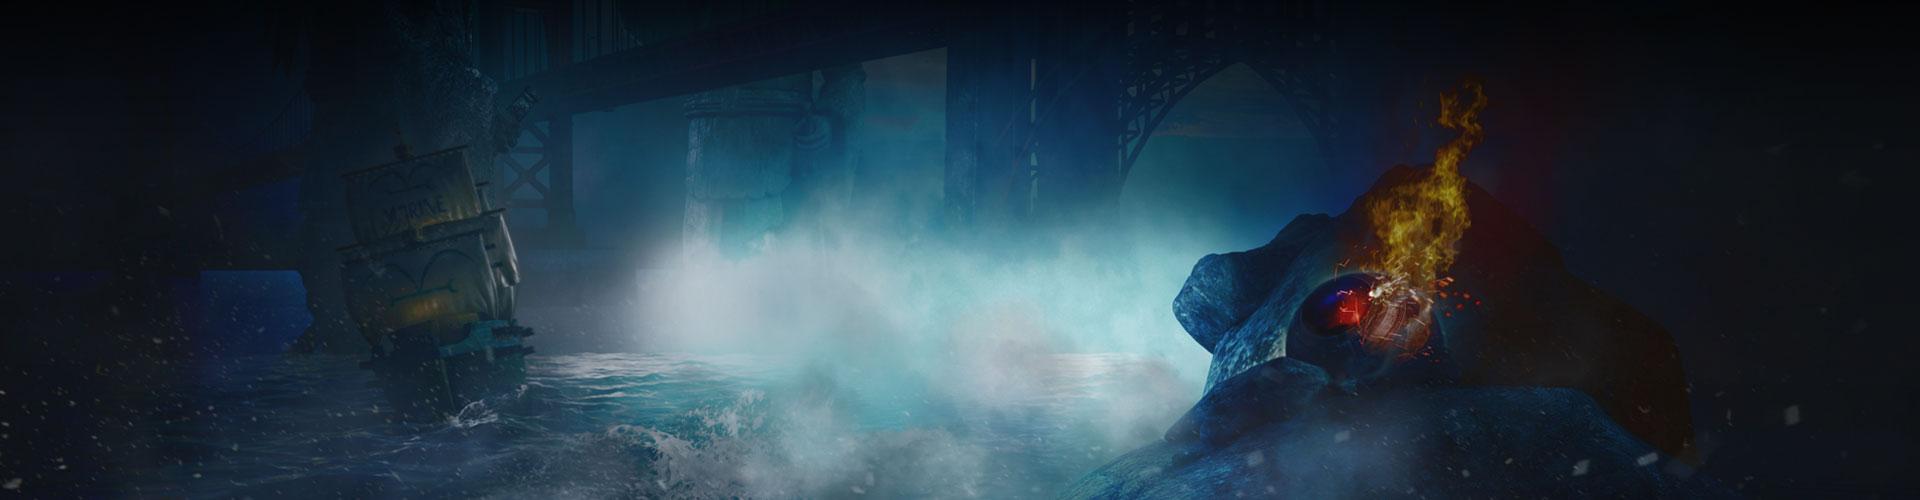 霧は橋の下の水を覆い、船は水の上、未知のアイテムは海岸に衝突